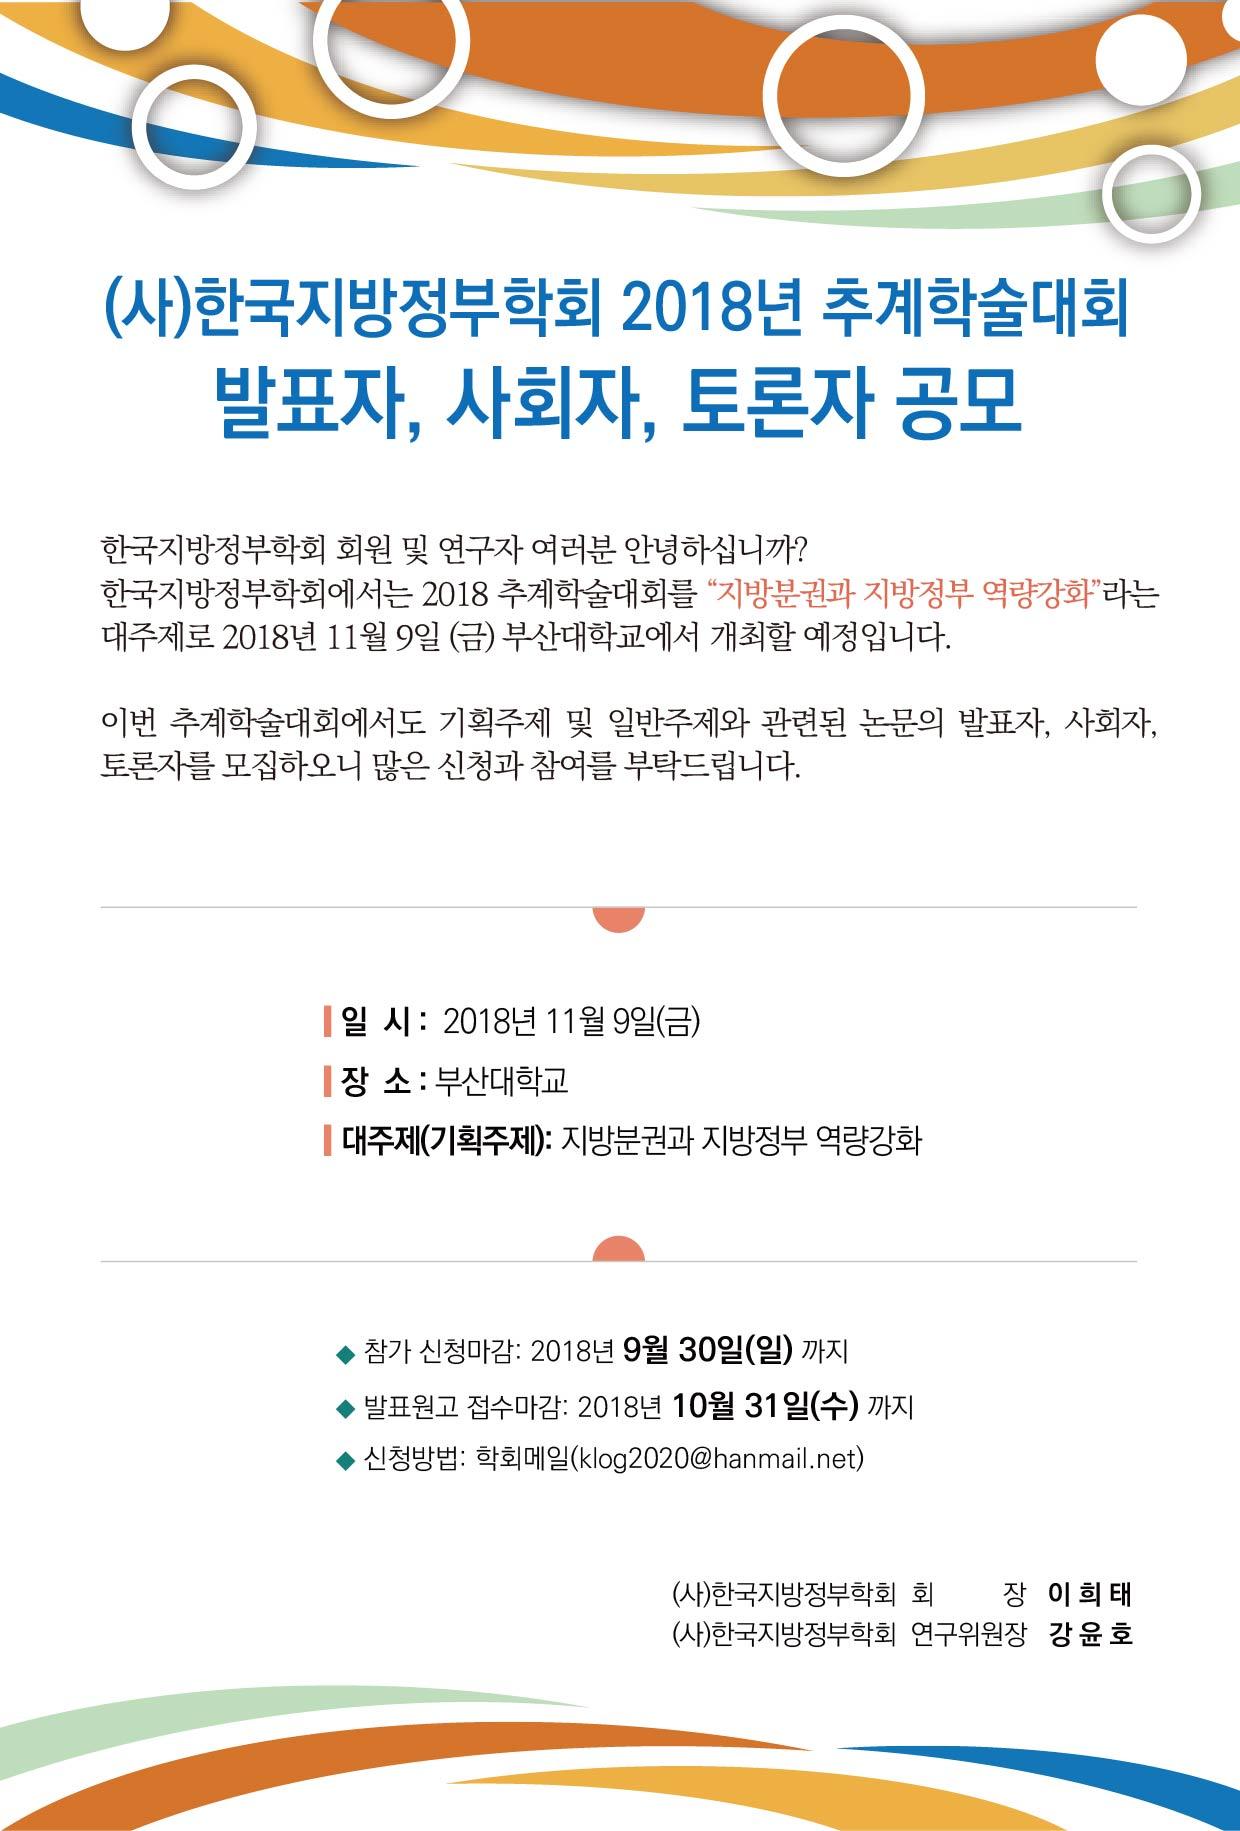 추계학술대회공고문(2018)_춘계.jpg